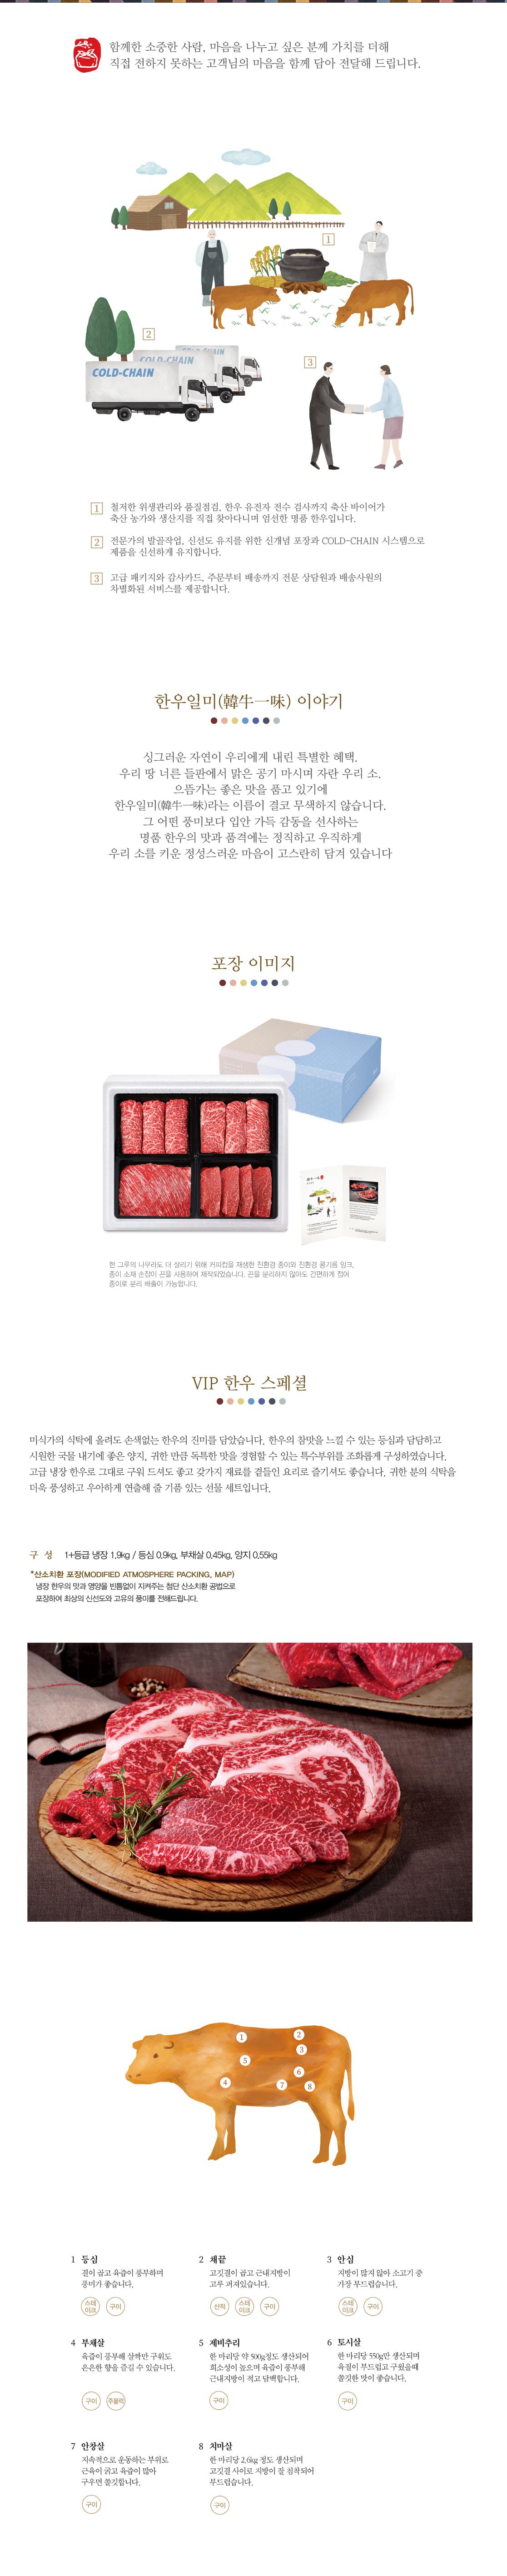 VIP한우스페셜 1.9kg 1+등급 냉장 1.9kg / 등심 0.9kg, 부채살 0.45kg, 양지 0.55kg